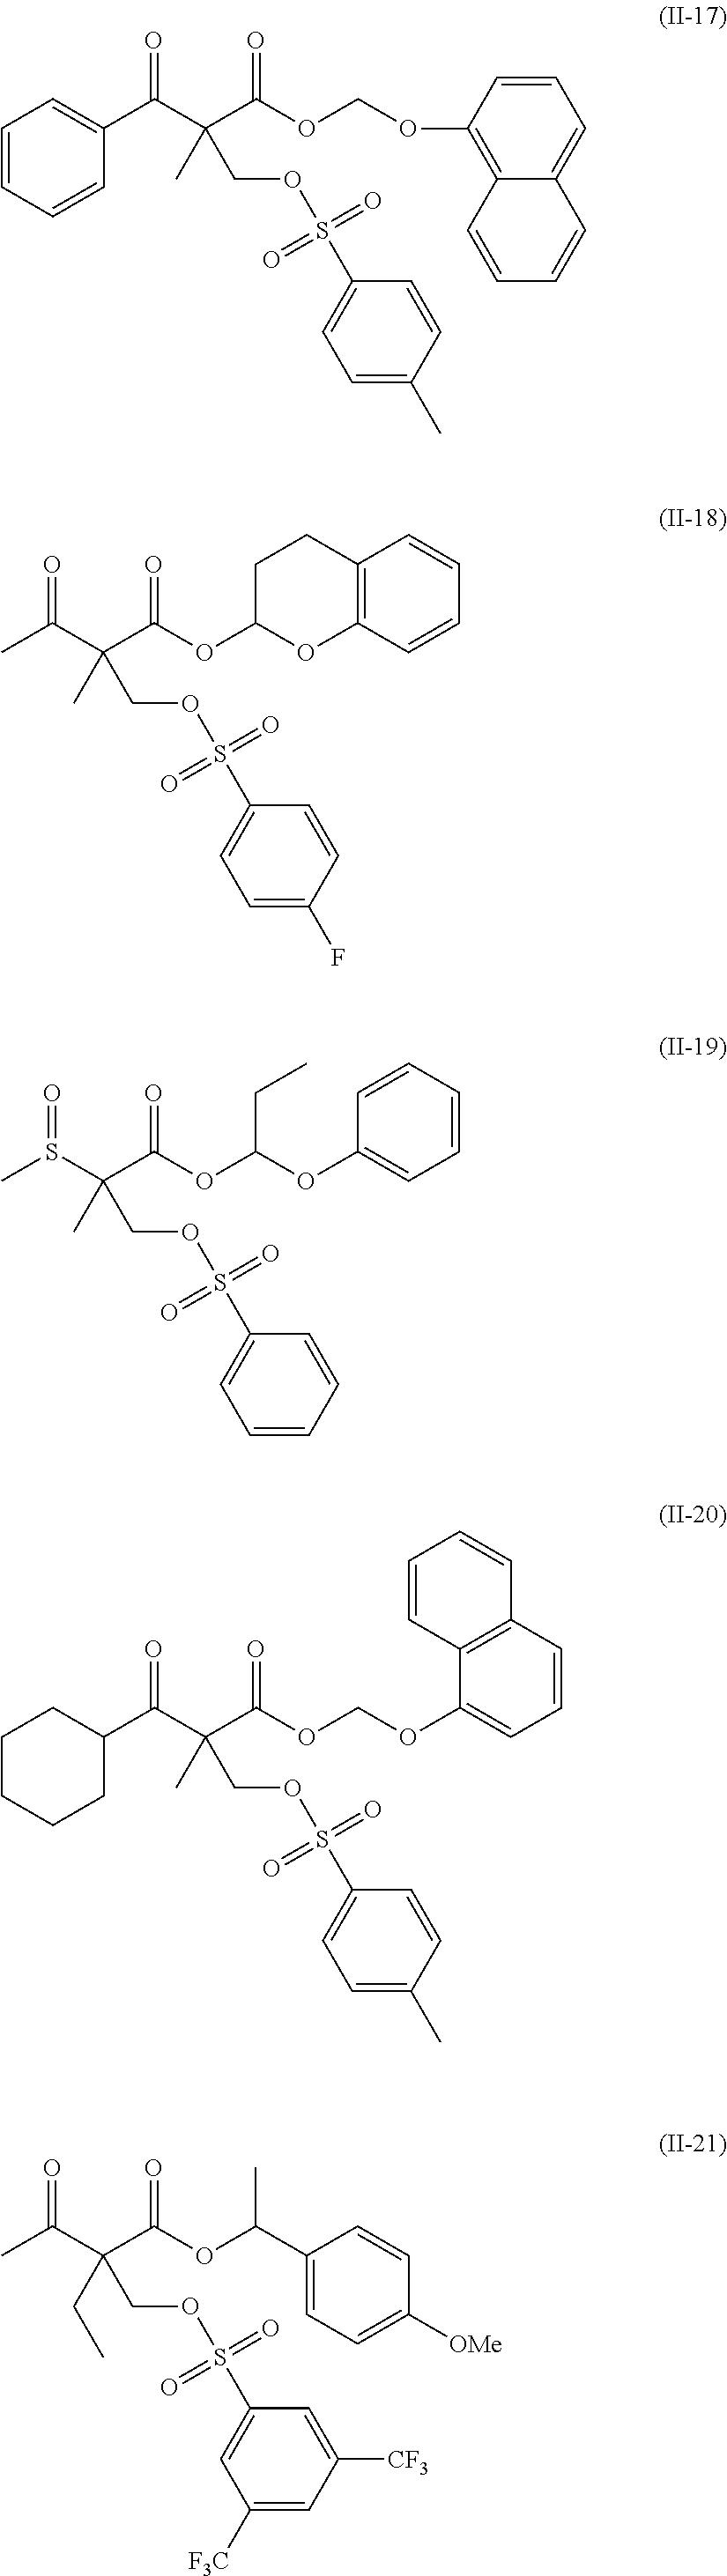 Figure US20110183258A1-20110728-C00096